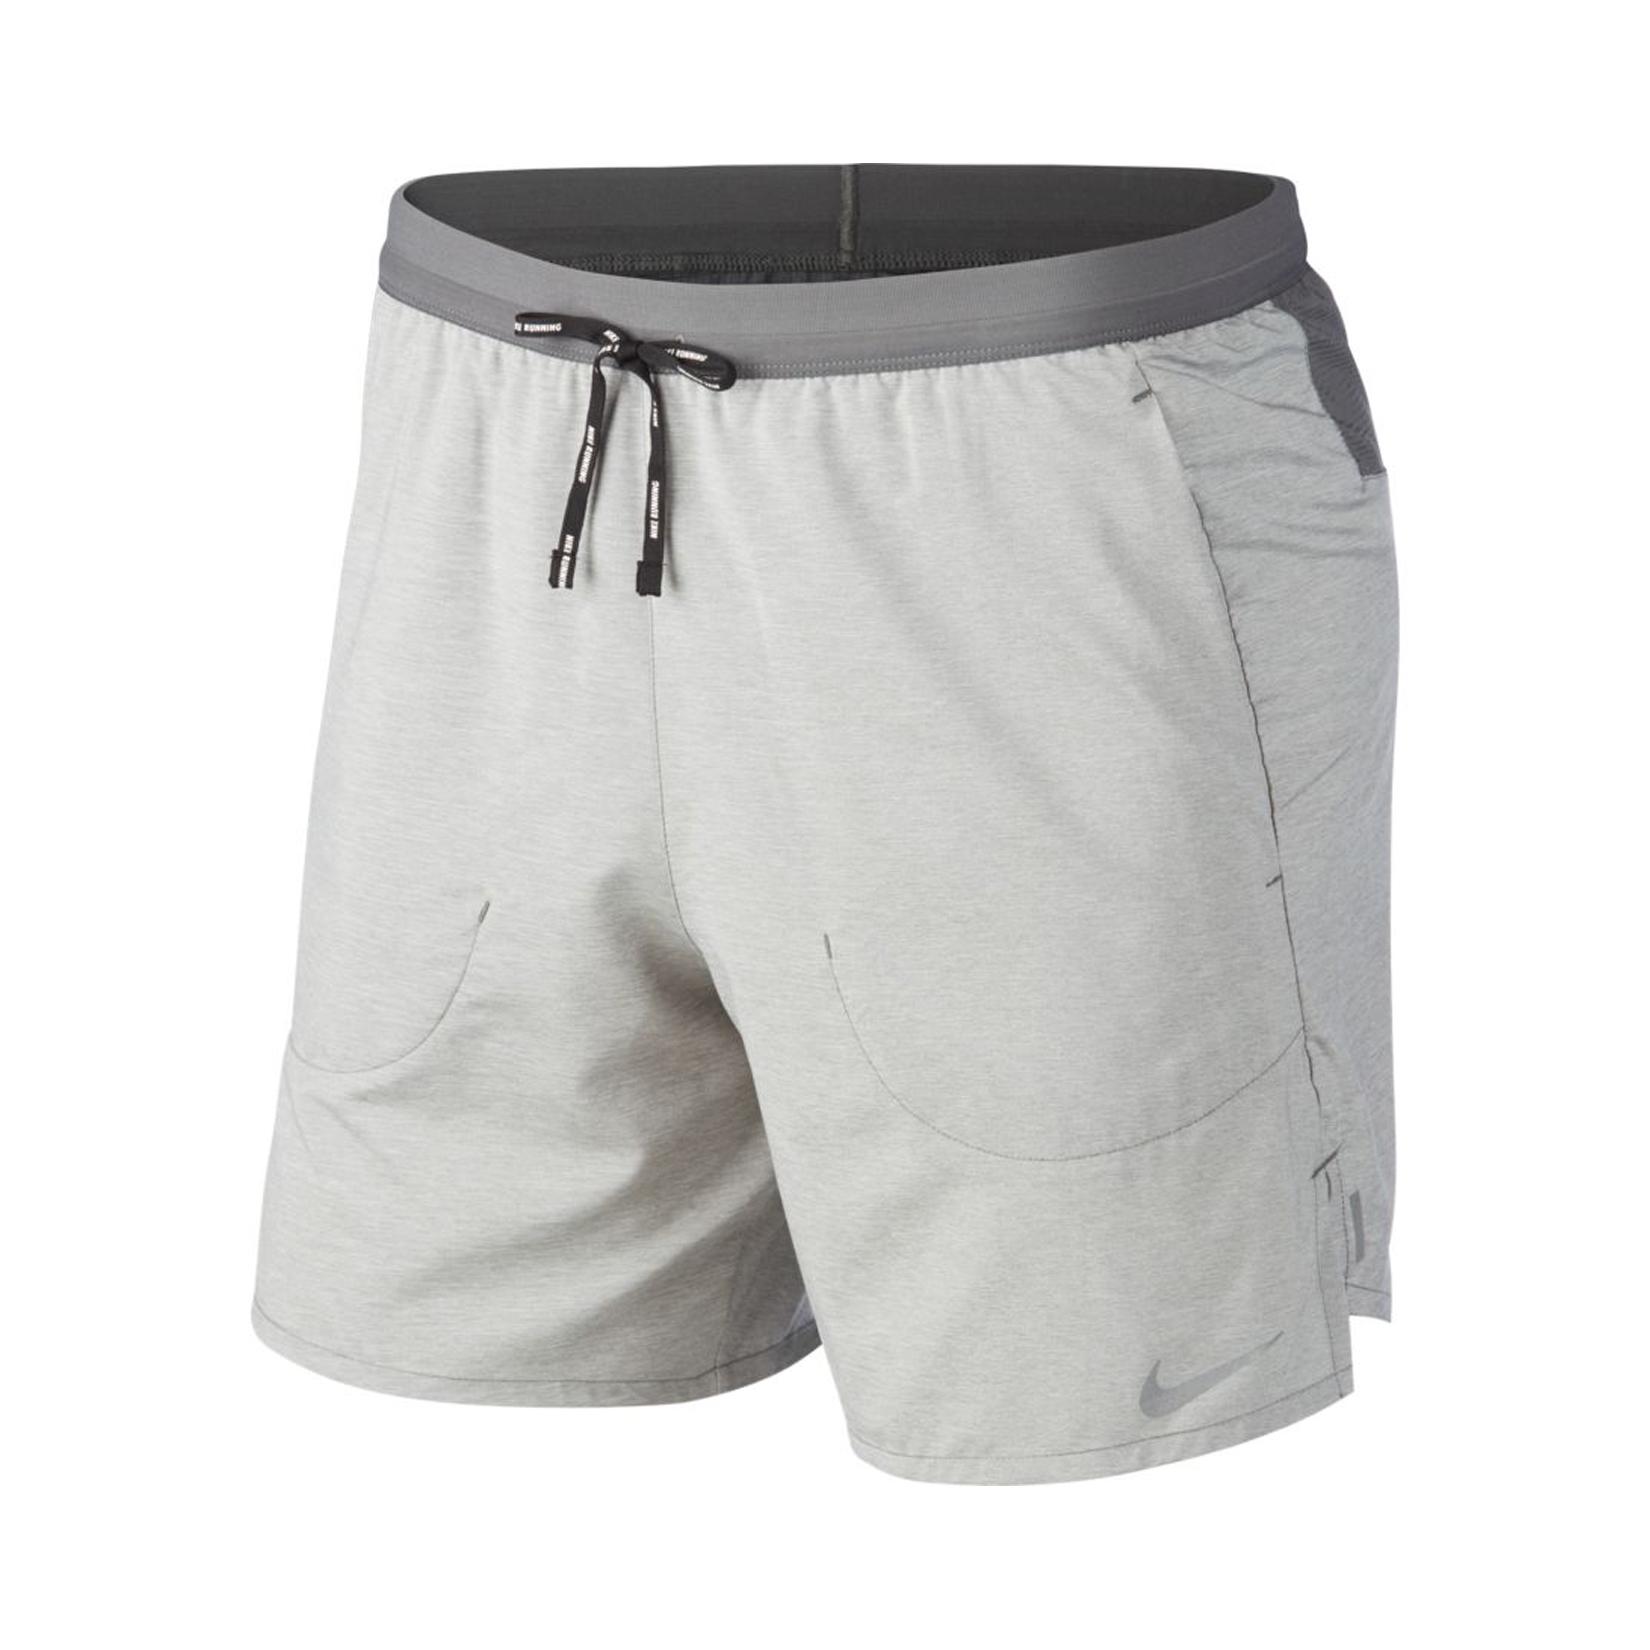 Nike Sportswear Flex Stride Shorts Grey